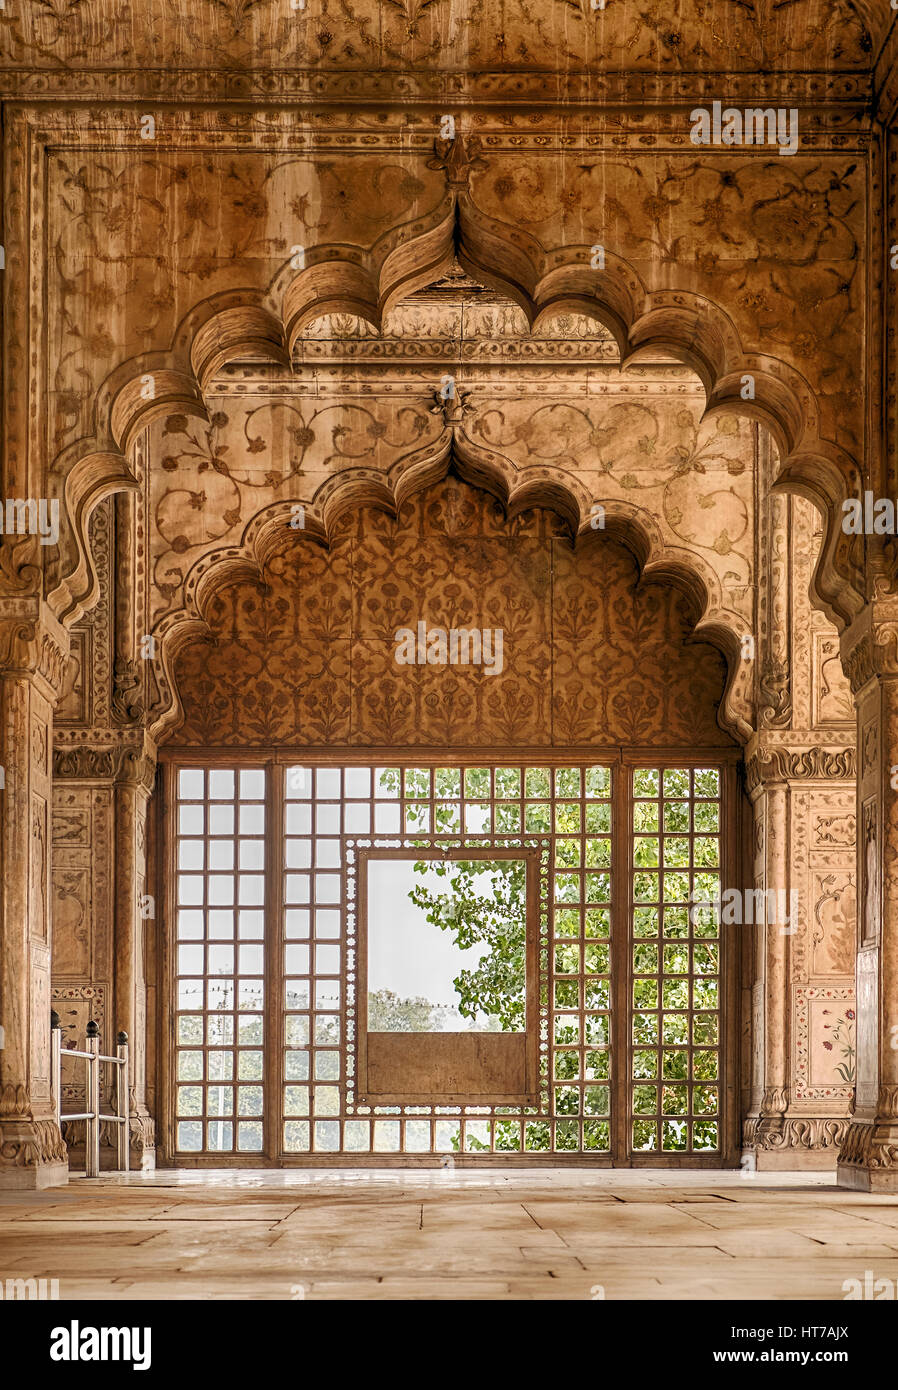 Eine Reihe von Bögen in der Halle Private Publikum (Diwan-i Khas) in Rotes Fort von Delhi, Indien führt Stockbild